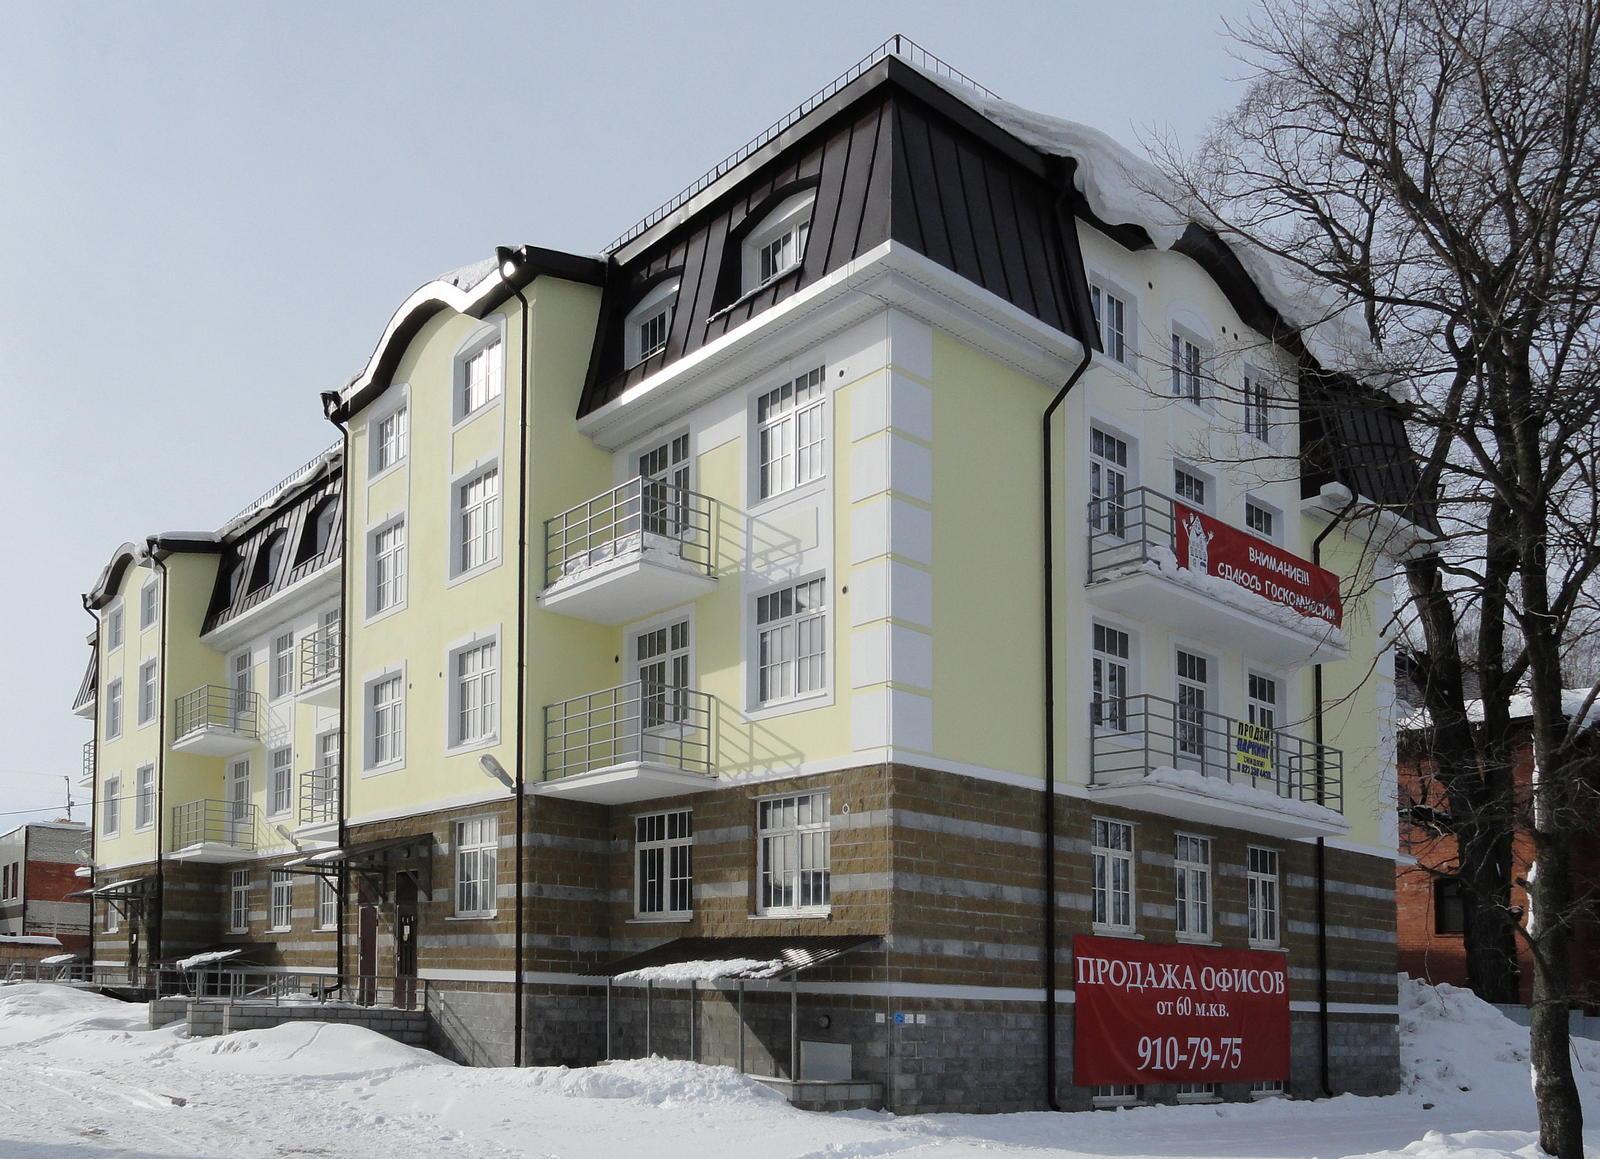 Строительство жилого дома с пристроенной подземной автостоянкой по адресу: СПб, Стрельна  Санкт-Петербургское шоссе, д. 108-110.